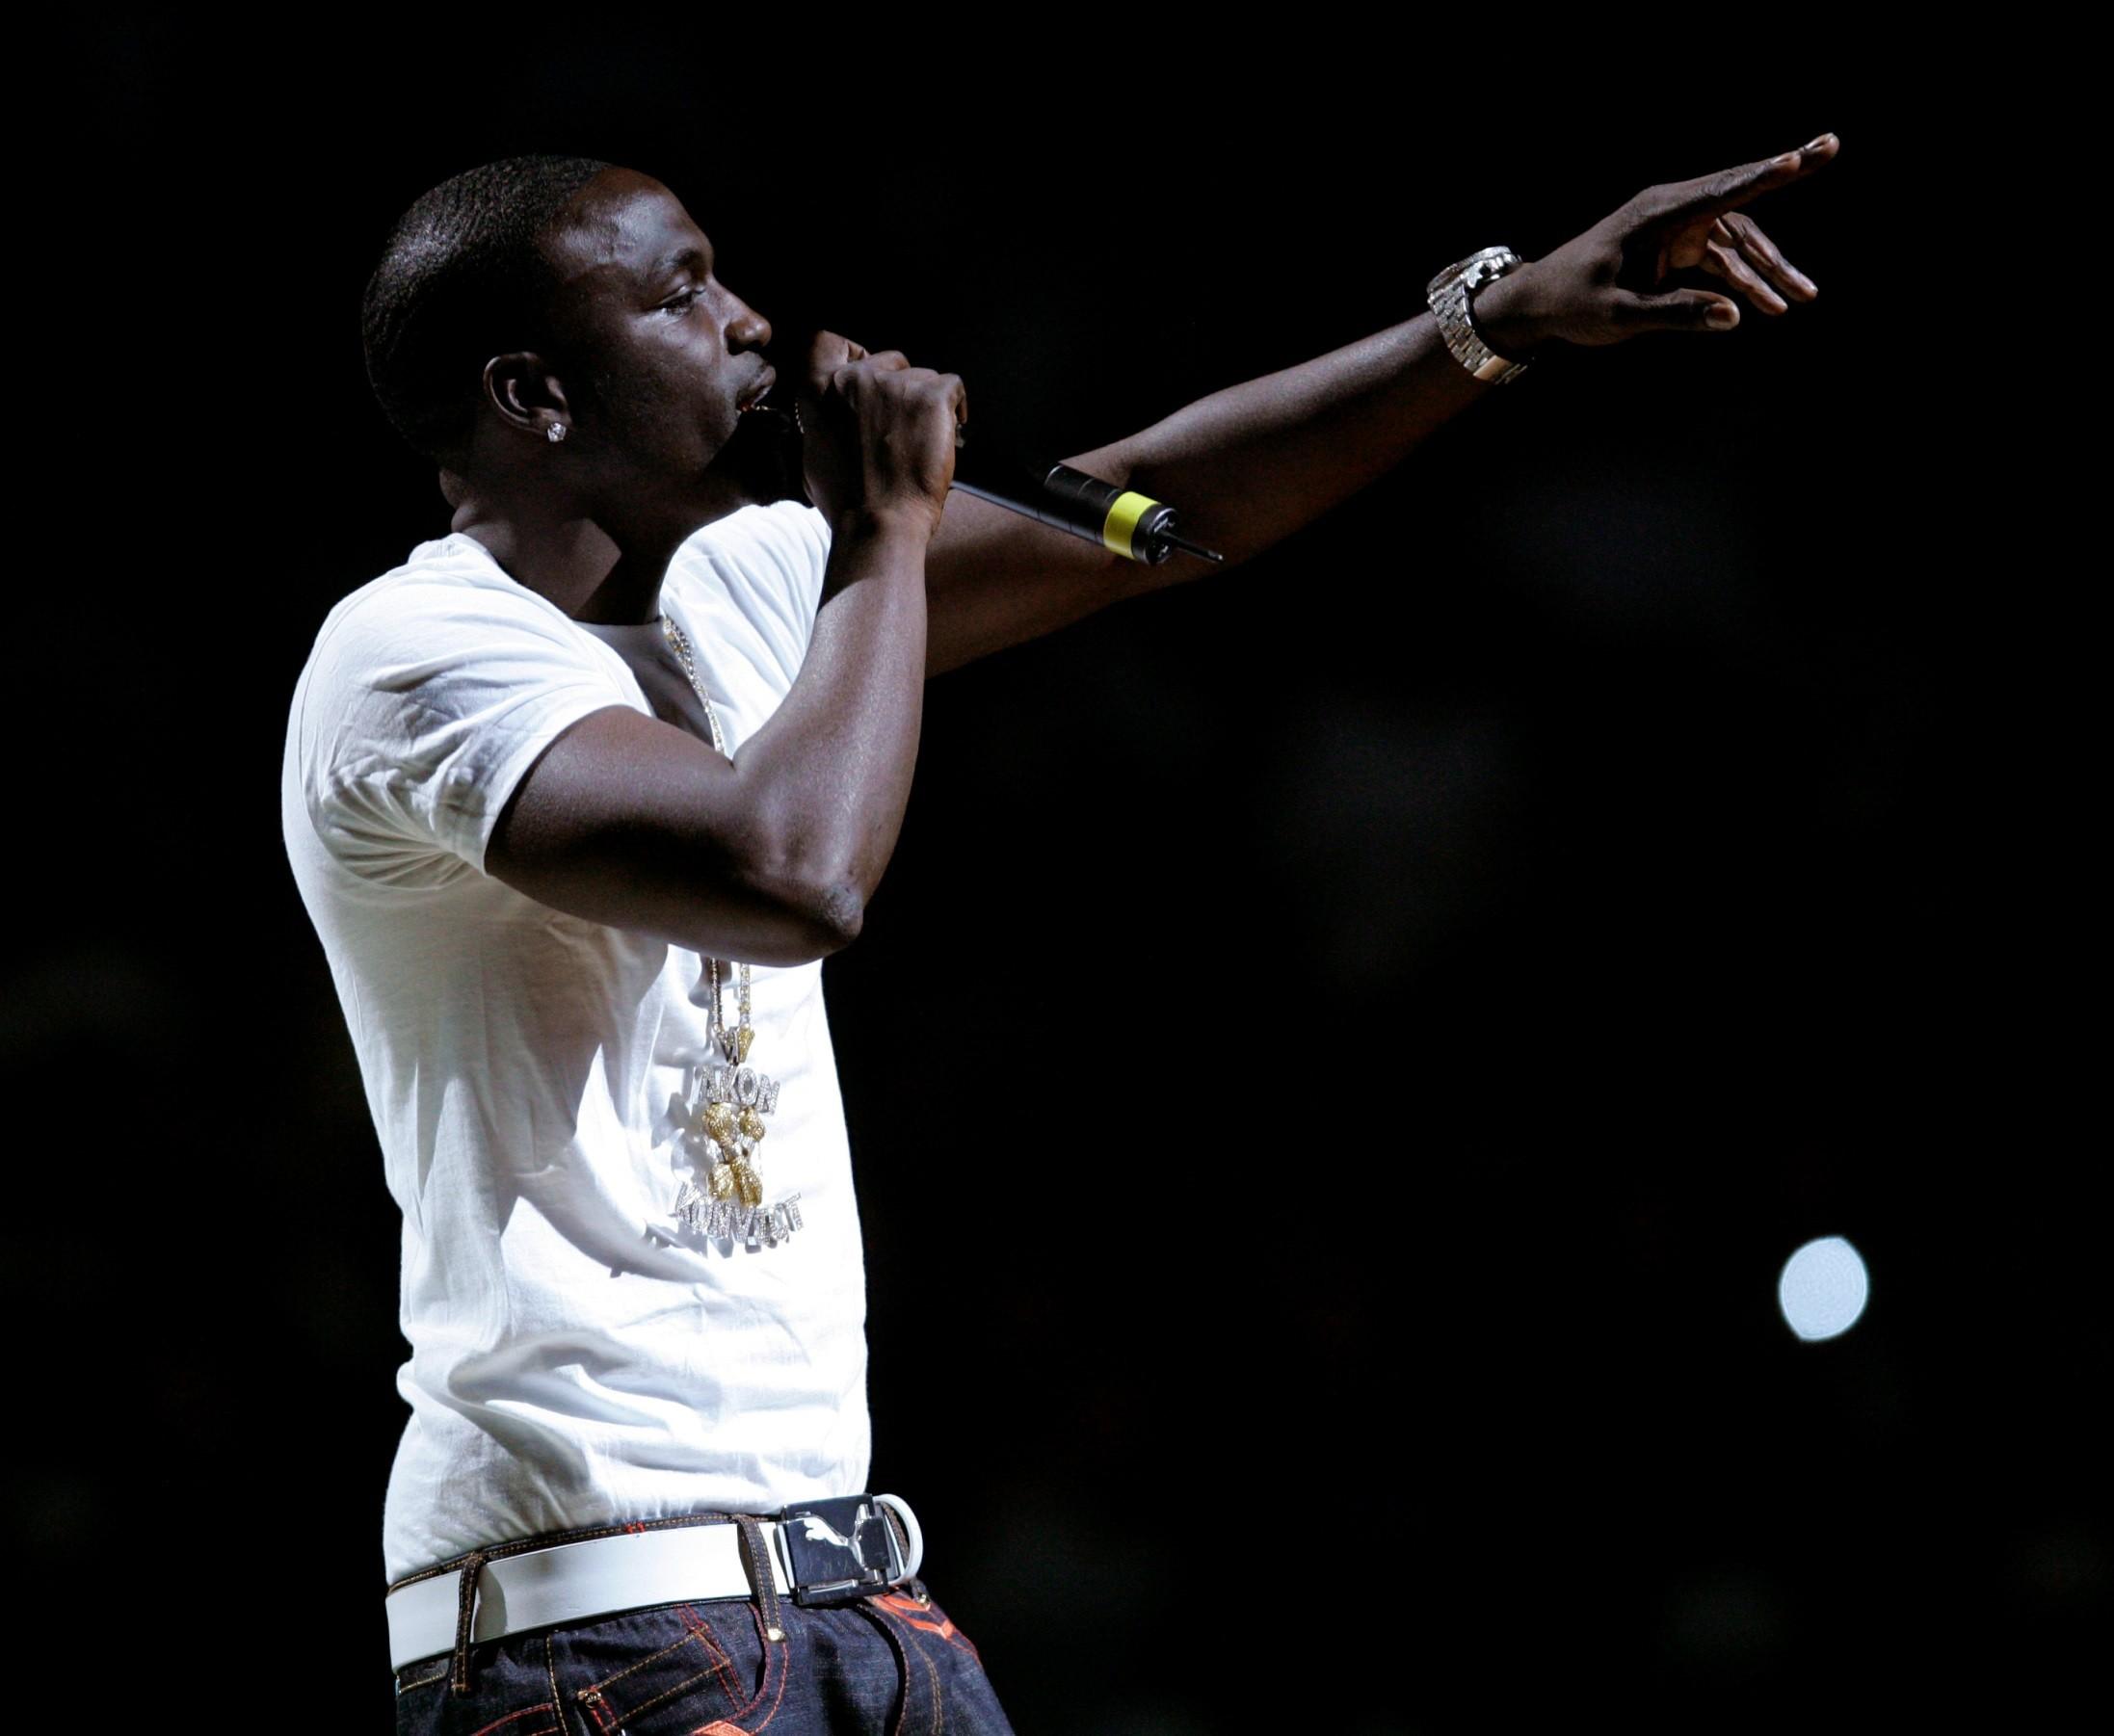 107 Akons brasileiros nasceram depois dos anos 2000, quando o cantor estourou (Foto: CHARLES KRUPA/AP)